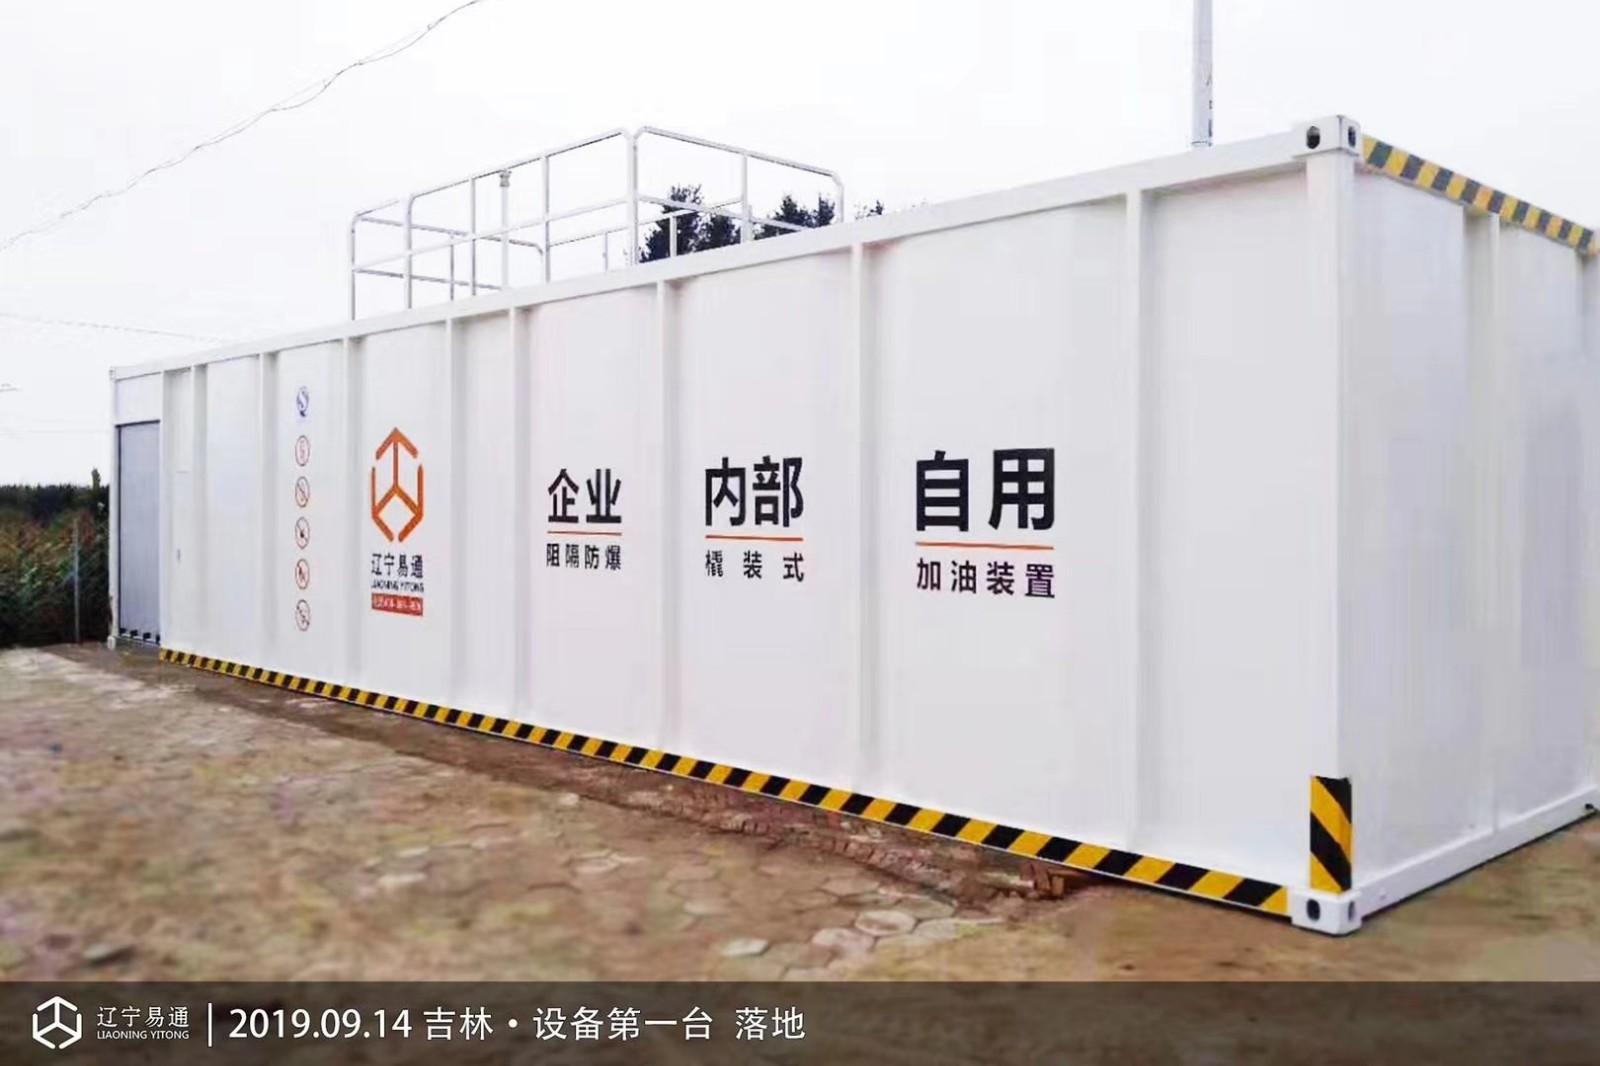 在吉林 又有两台50立方阻隔防爆撬装manbetx万博装置安装完毕!